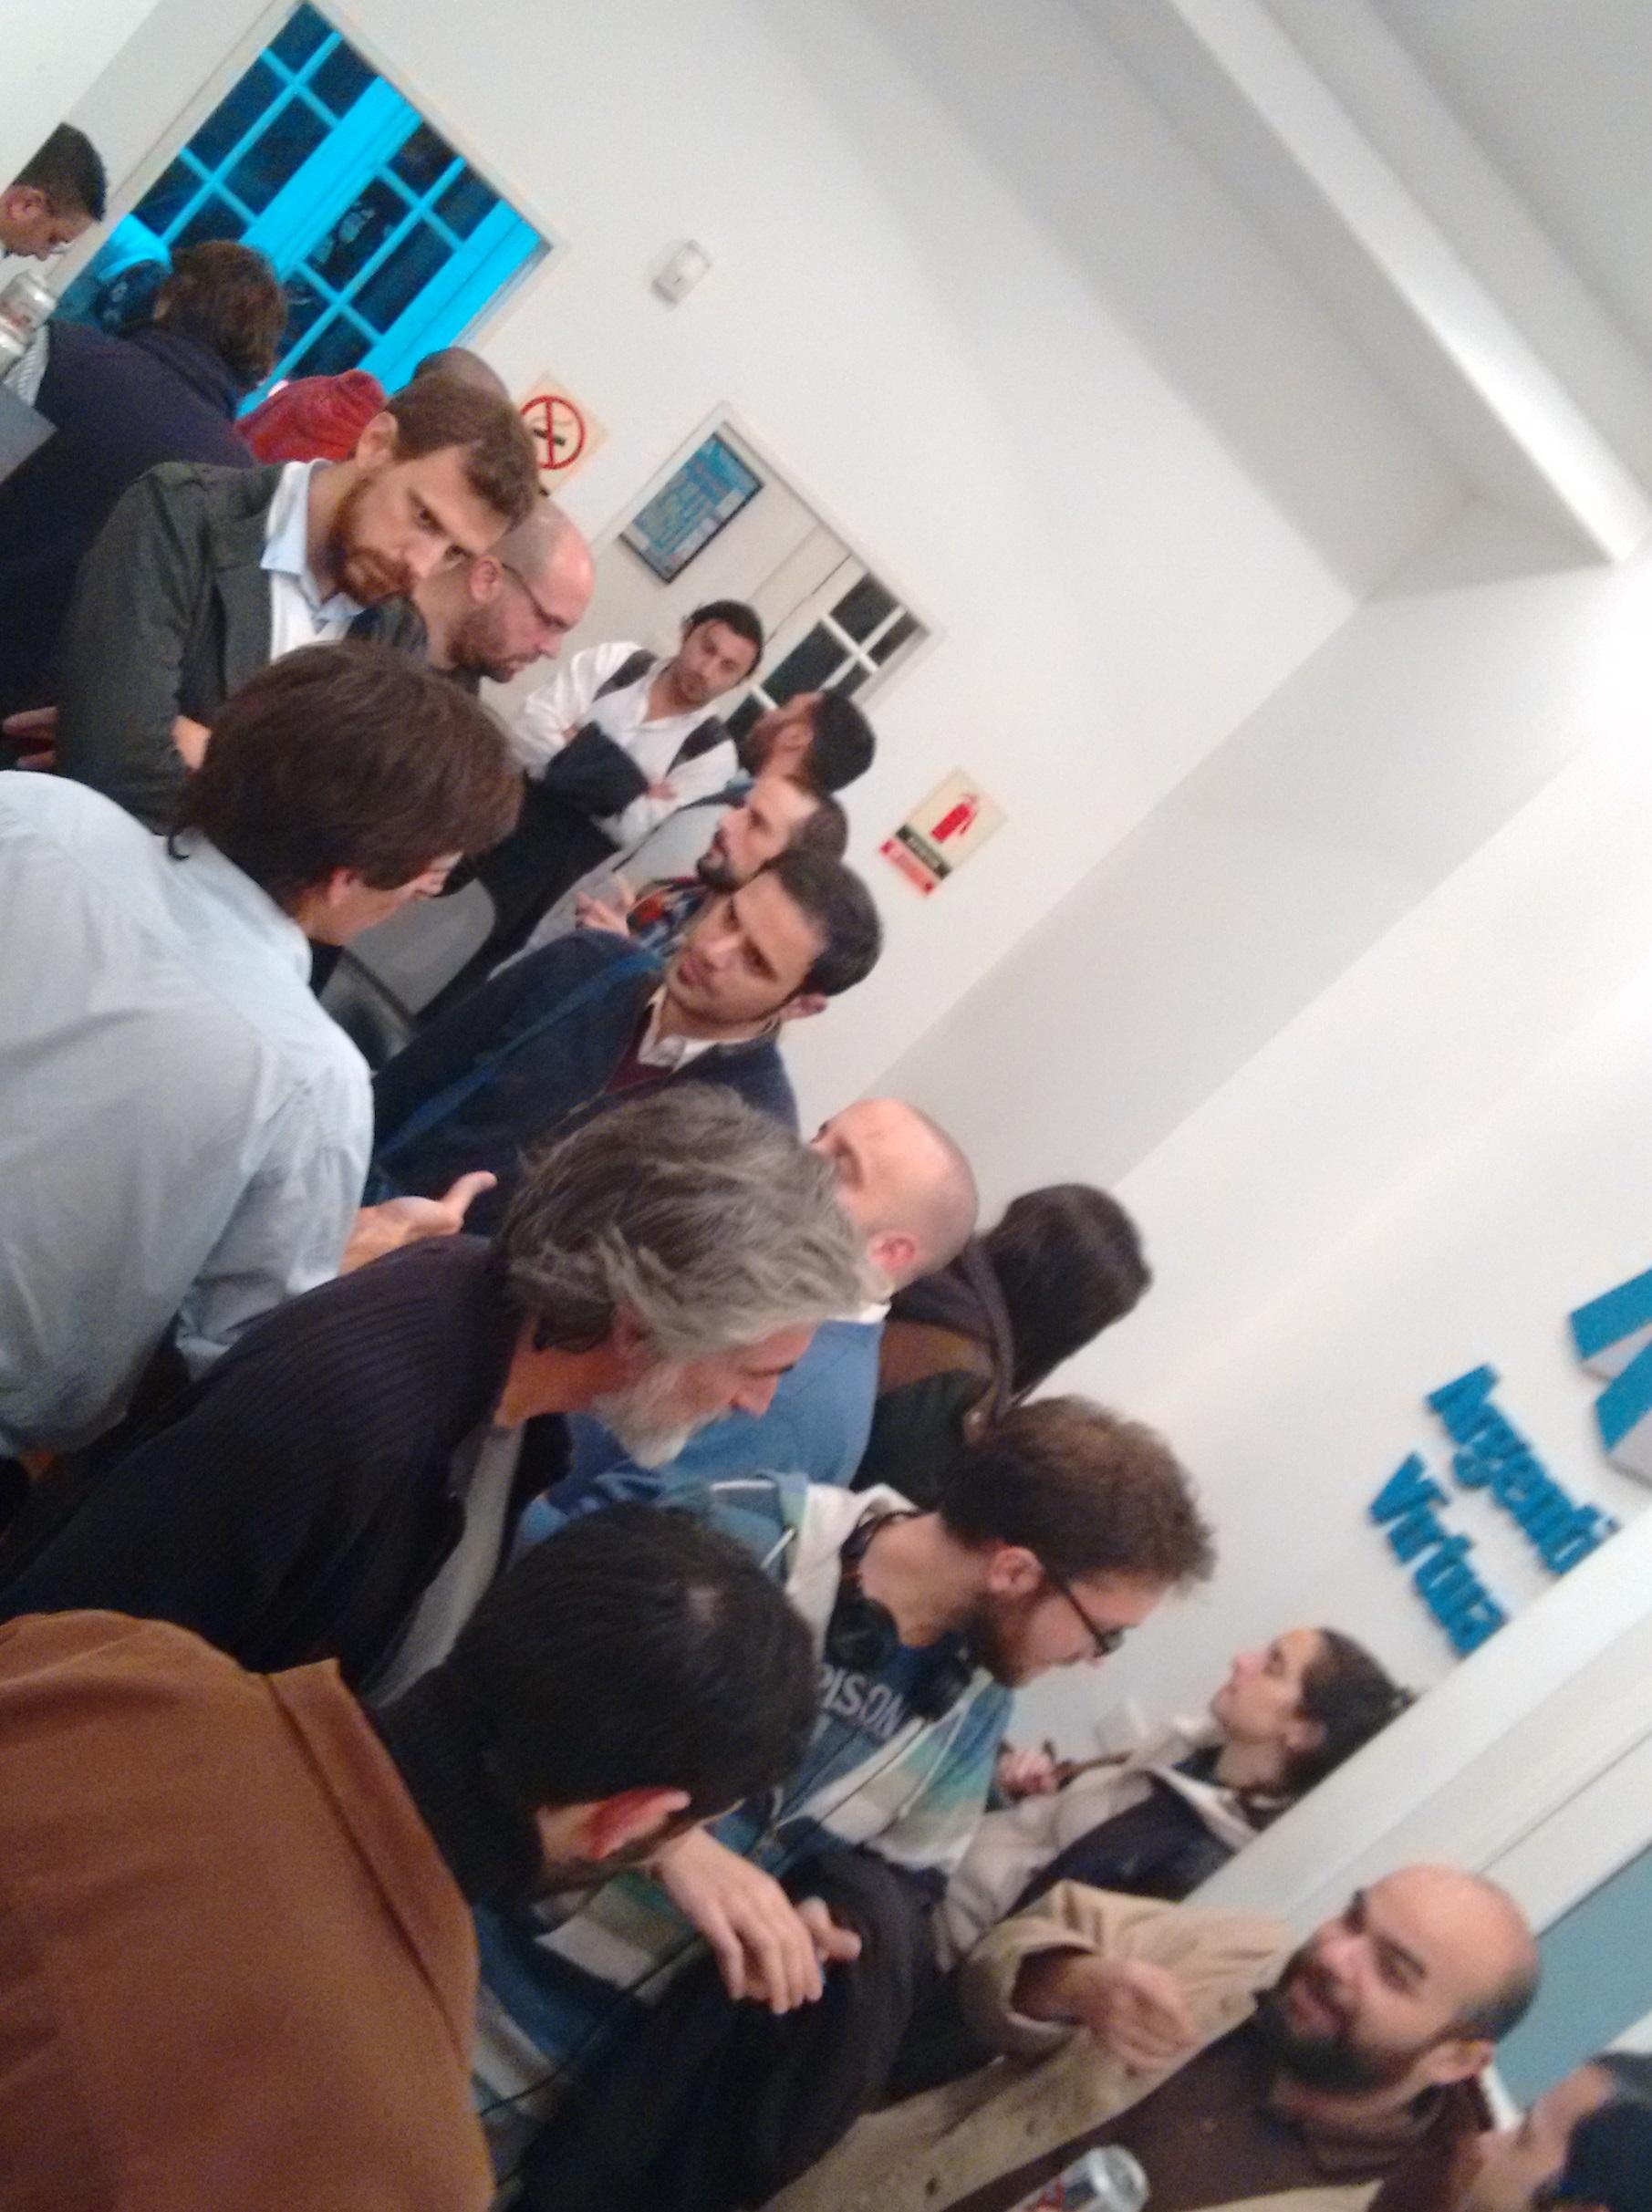 After de Mayo con diseñadores y desarrolladores web en Argentina Virtual